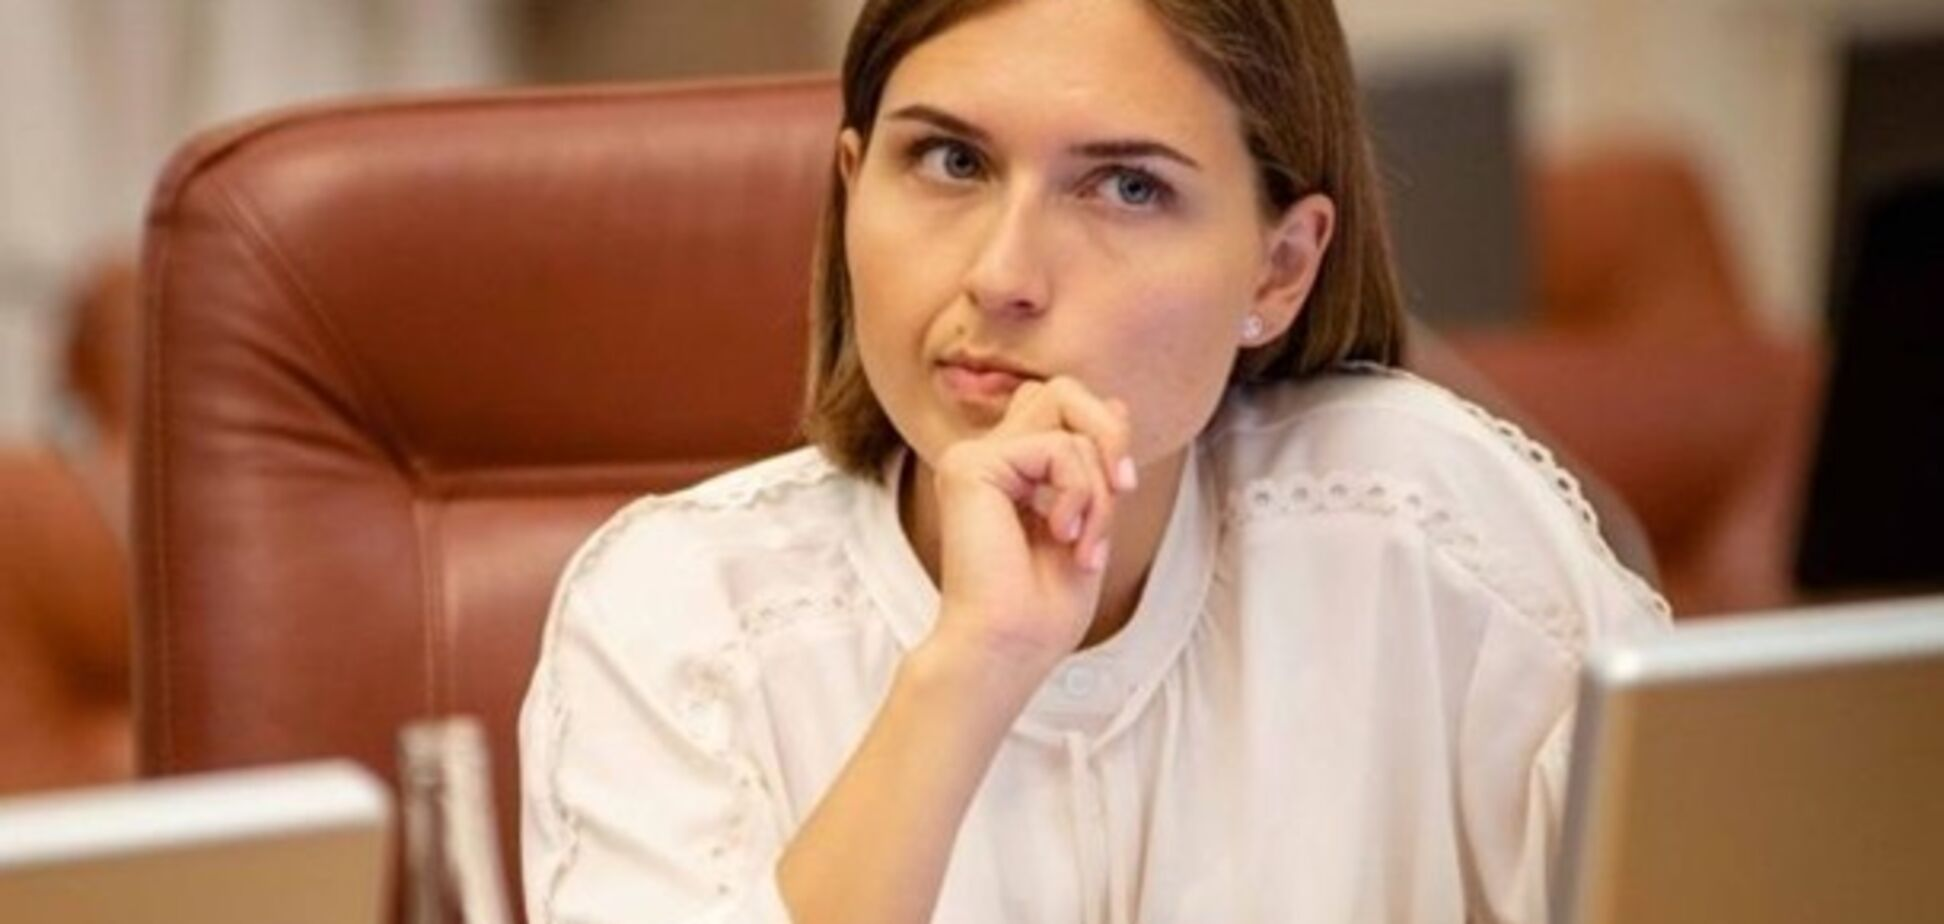 Міністерка освіти Новосад відмовилась працювати в уряді Шмигаля